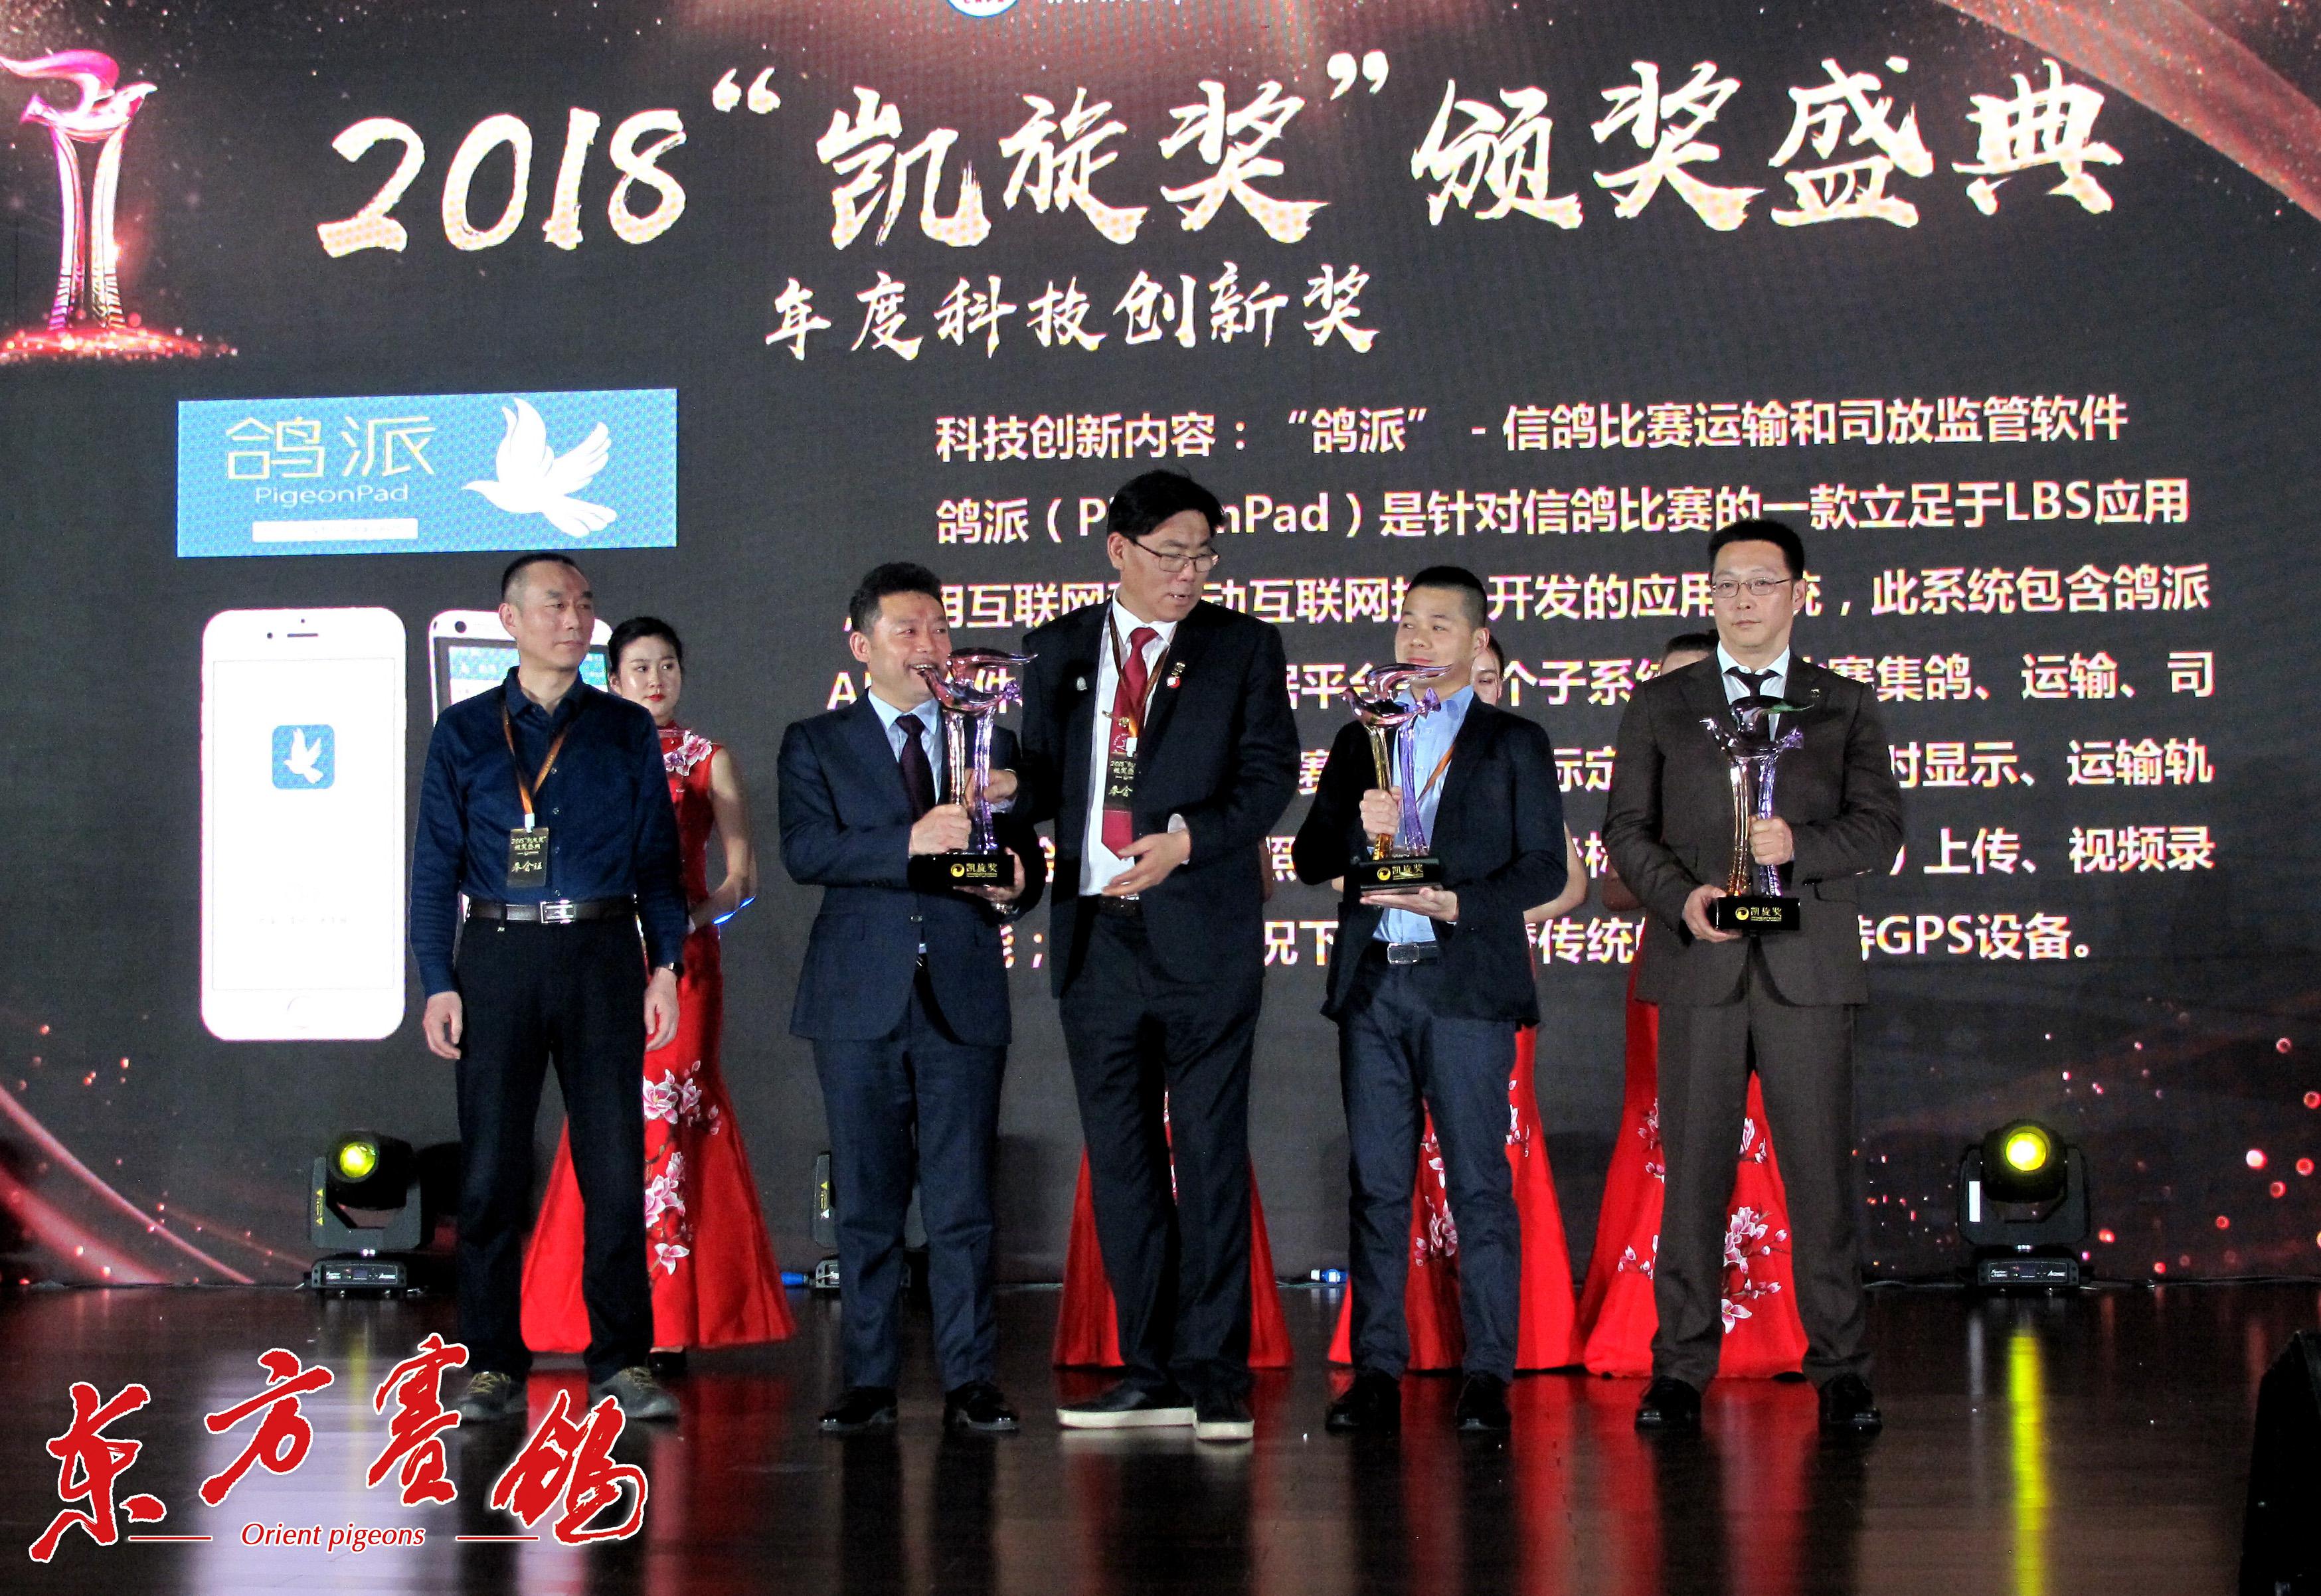 10.中鸽协代主席邢小泉给西安凯鸽董事长王军颁科技进步奖。